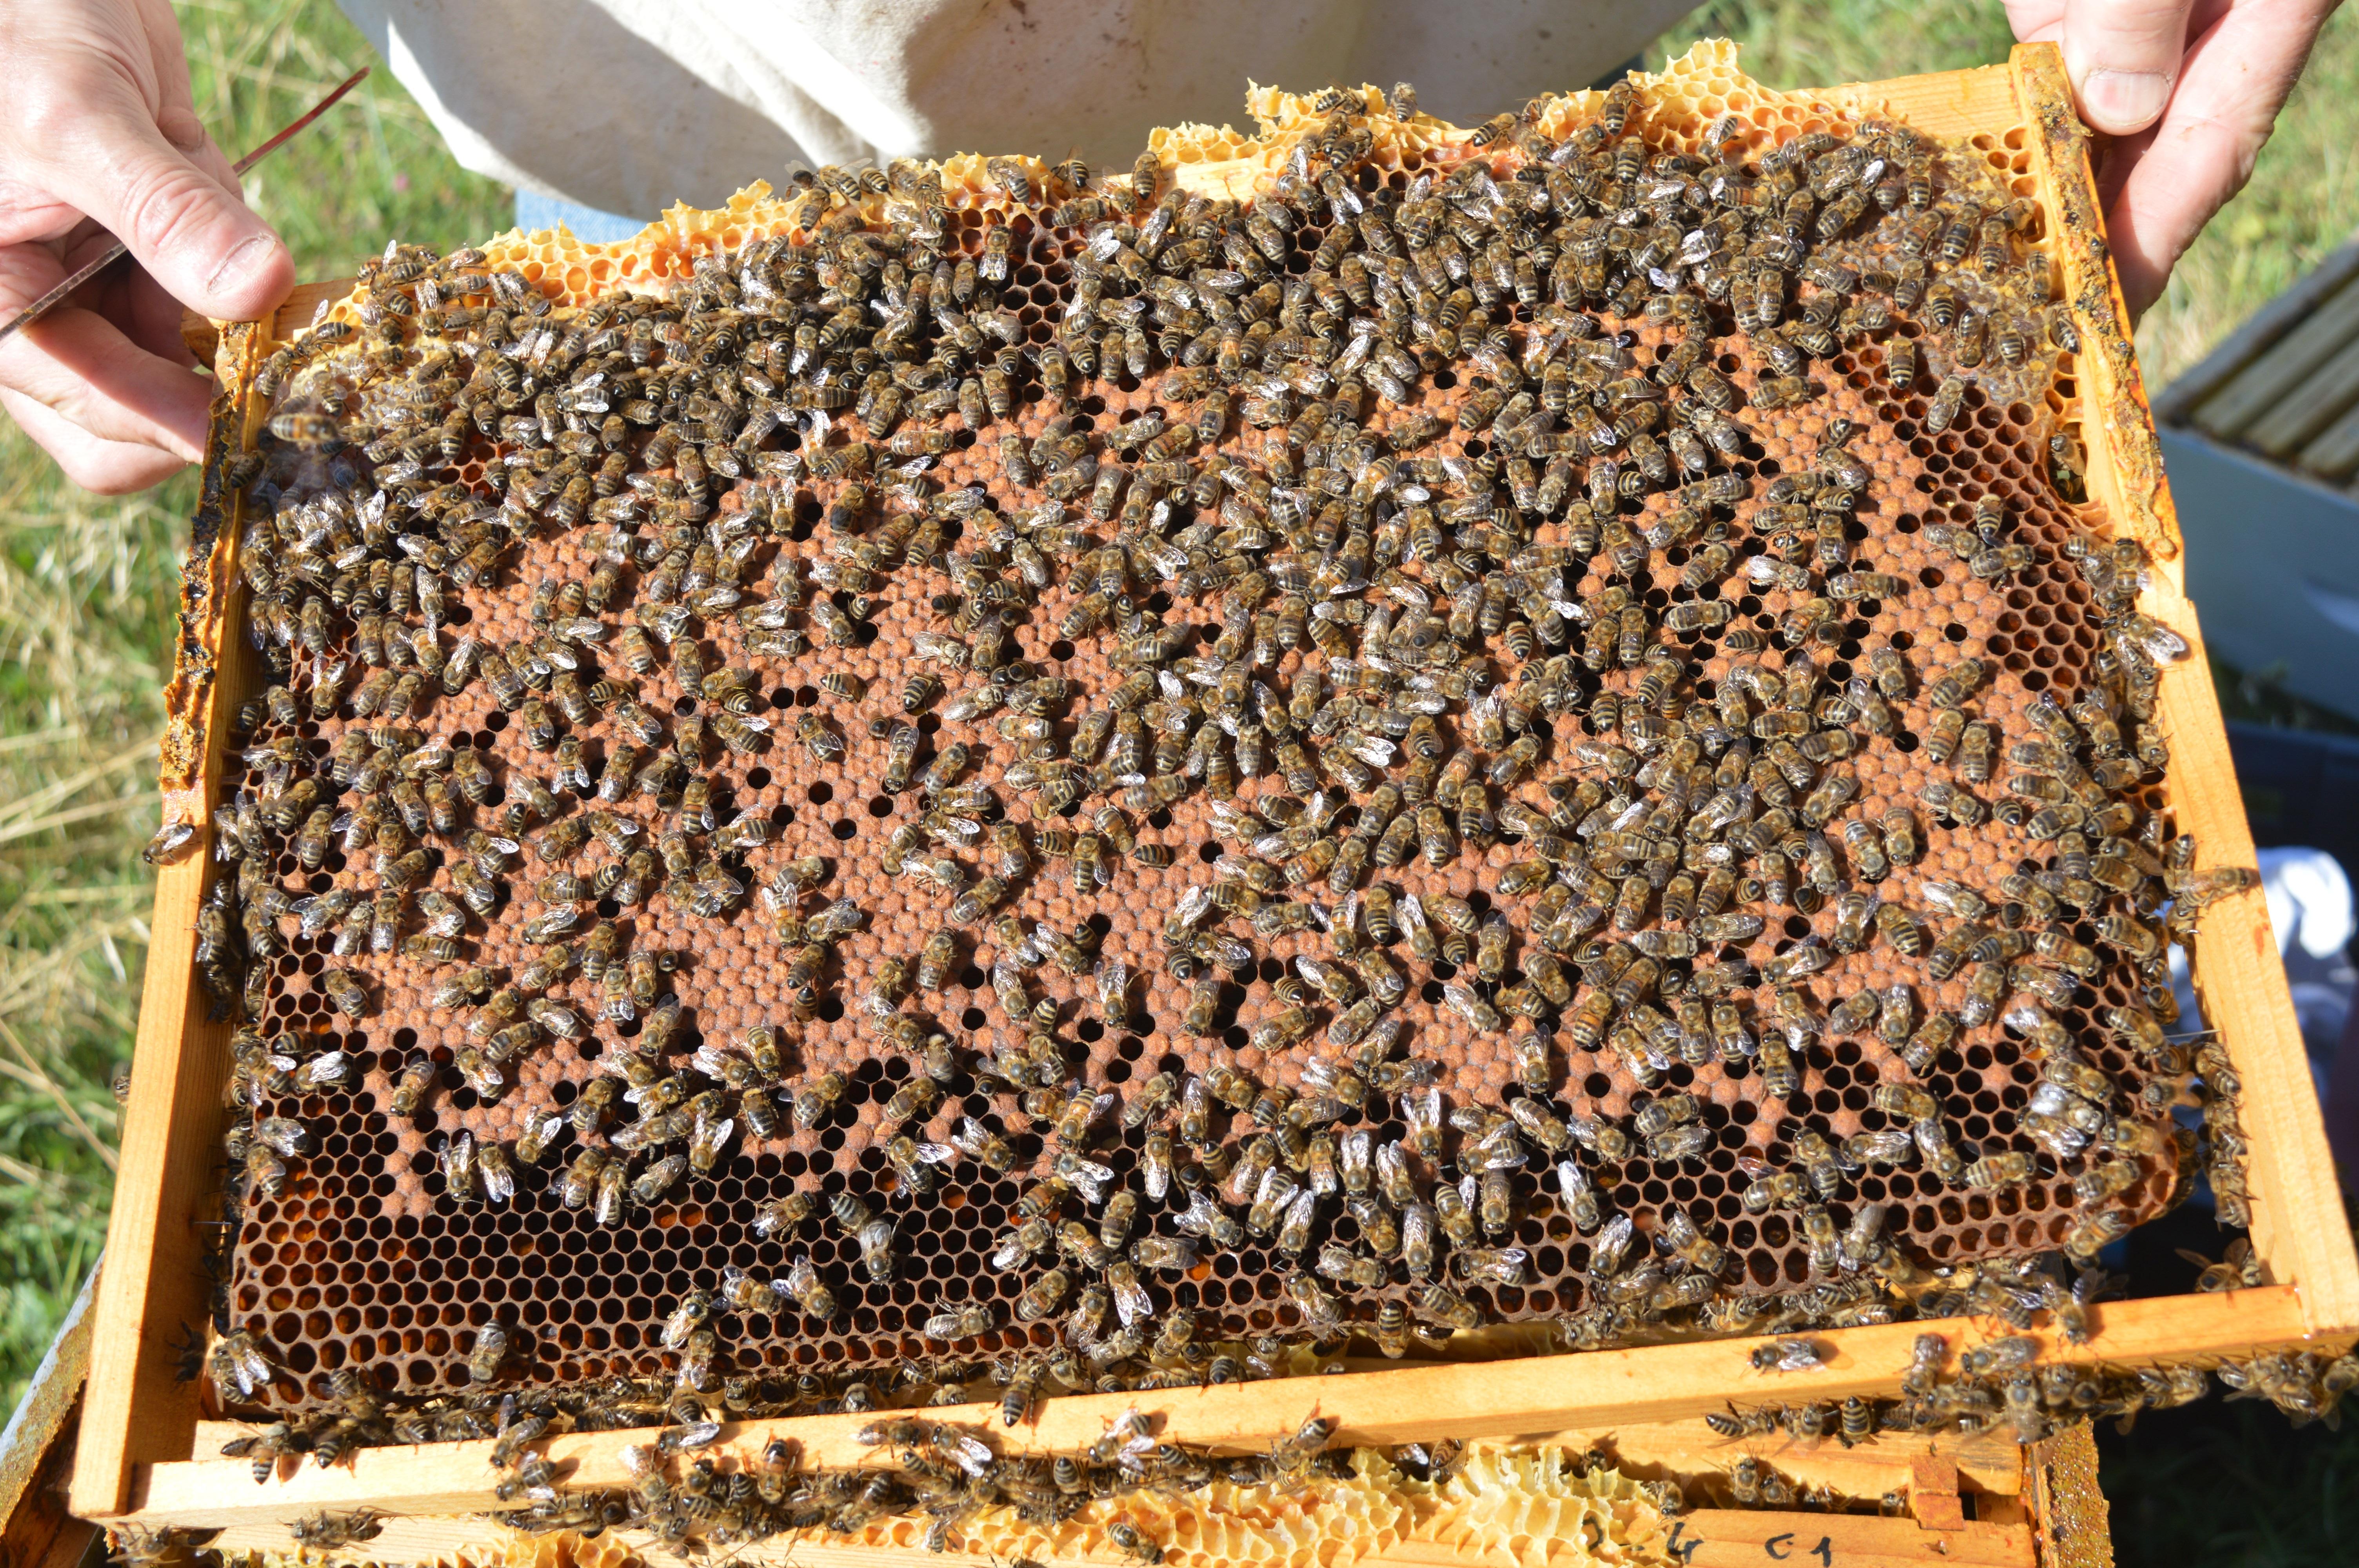 Fotos gratis : insecto, suelo, invertebrado, apicultor, cerrado ...